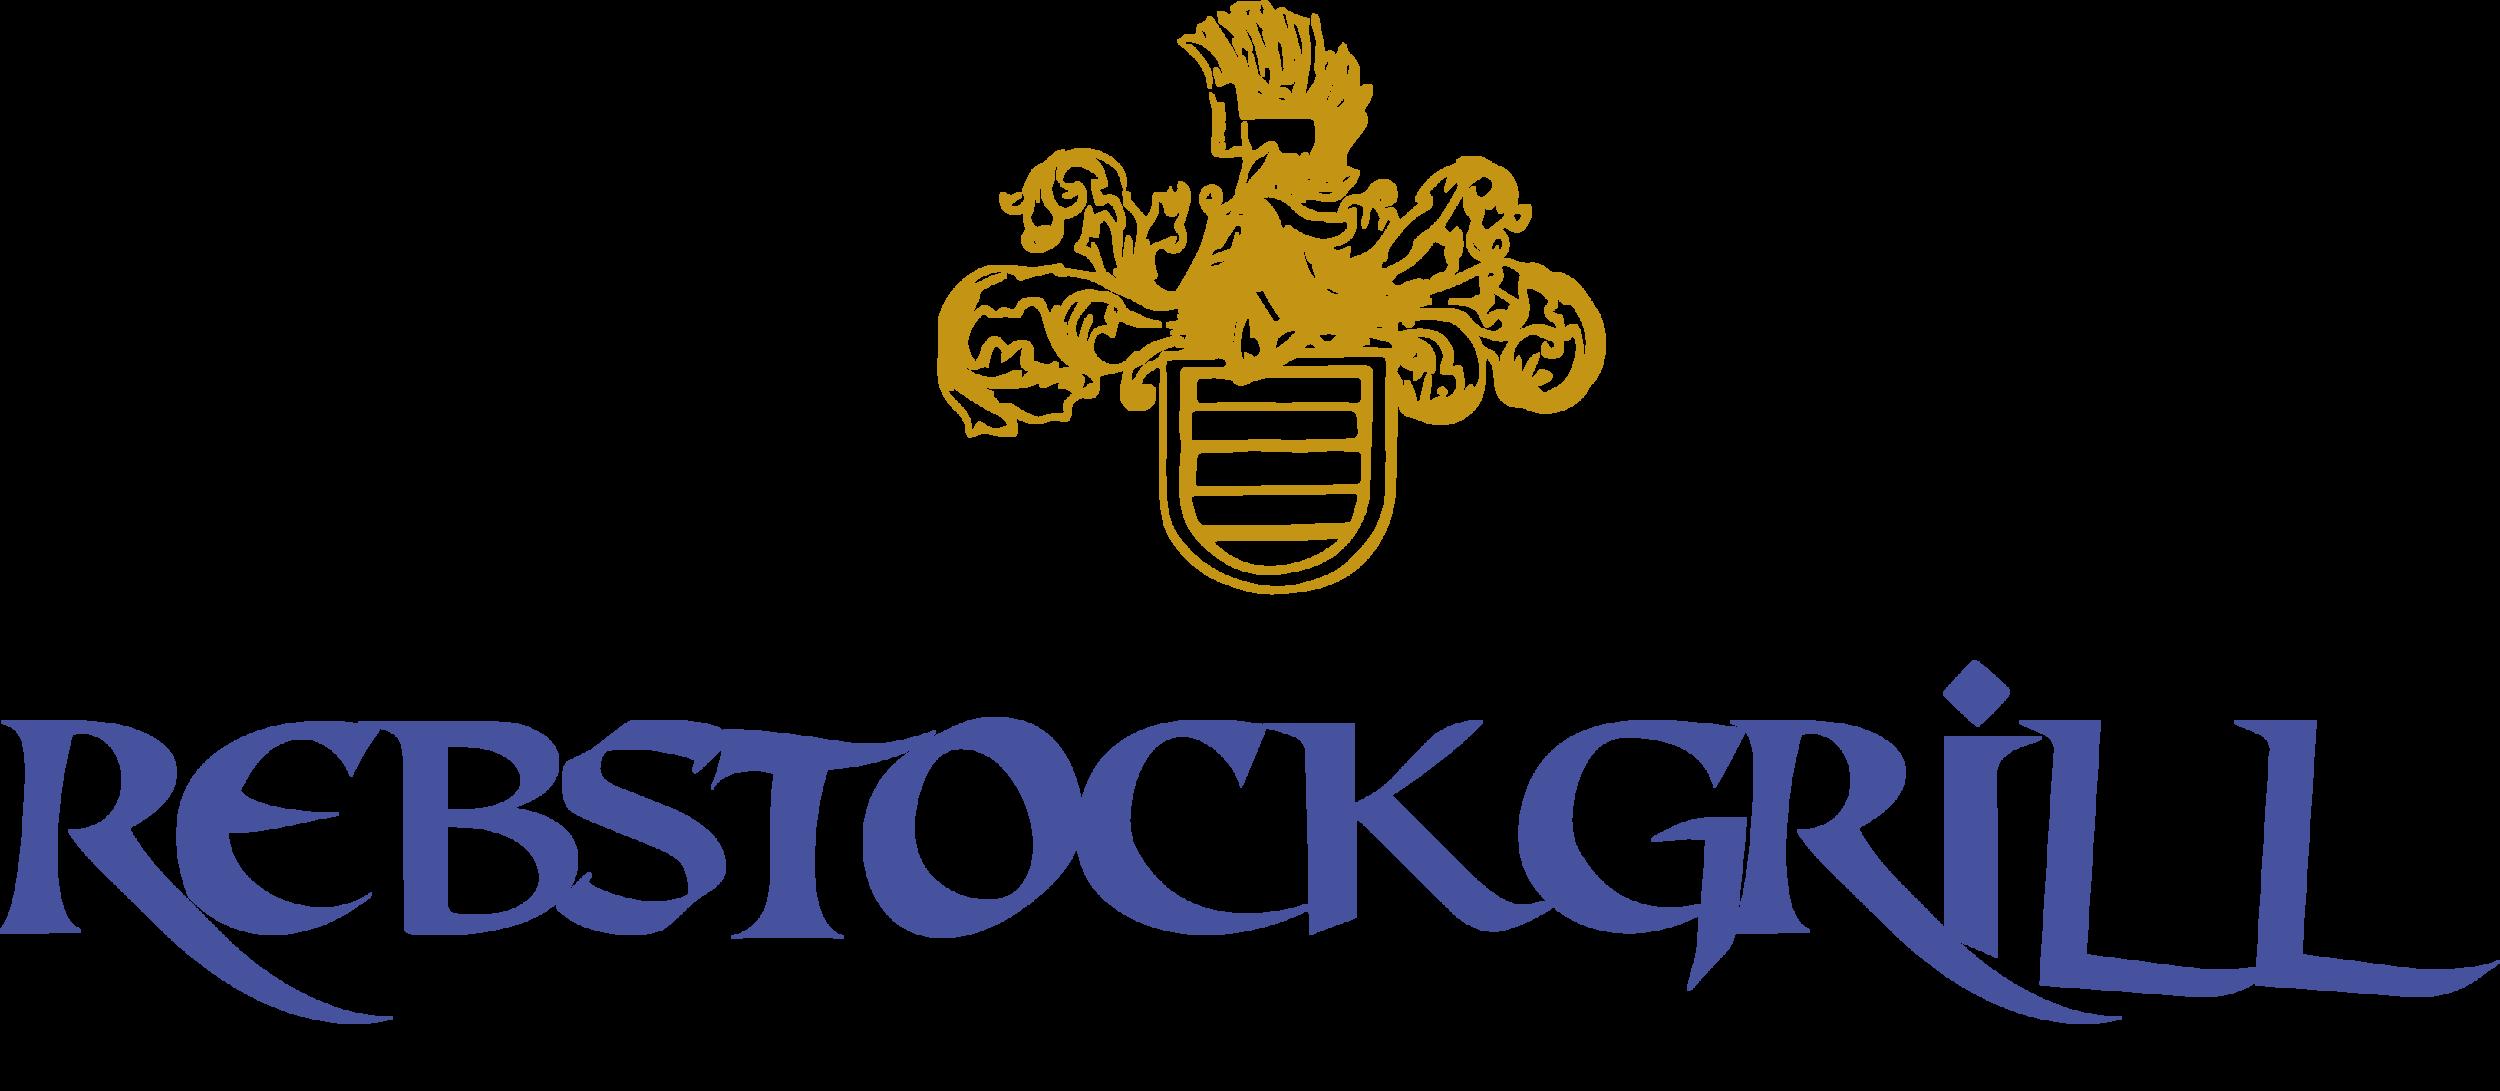 hoefinger-logo-rebstockgrill.png